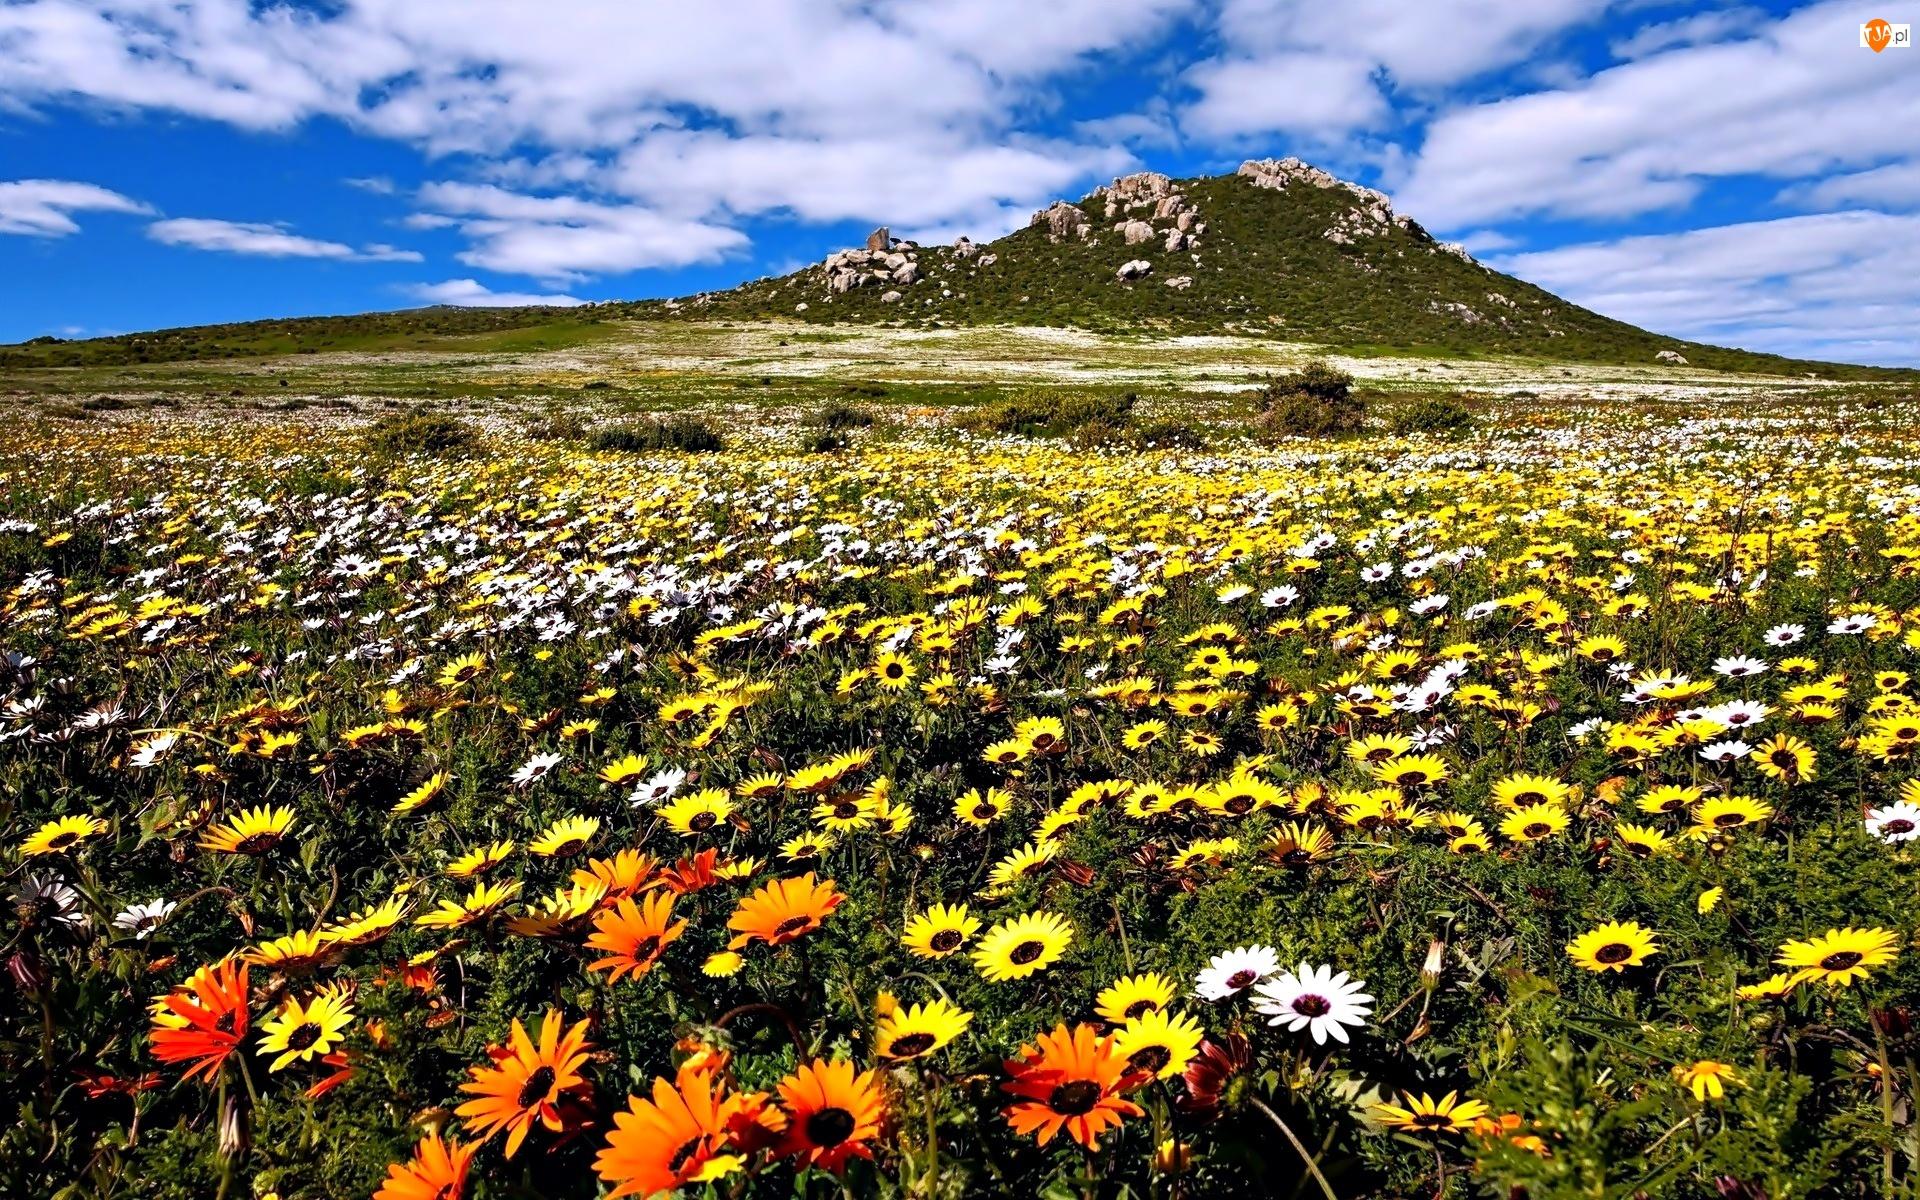 Wzgórze, Wiosna, Kwiaty, Łąka